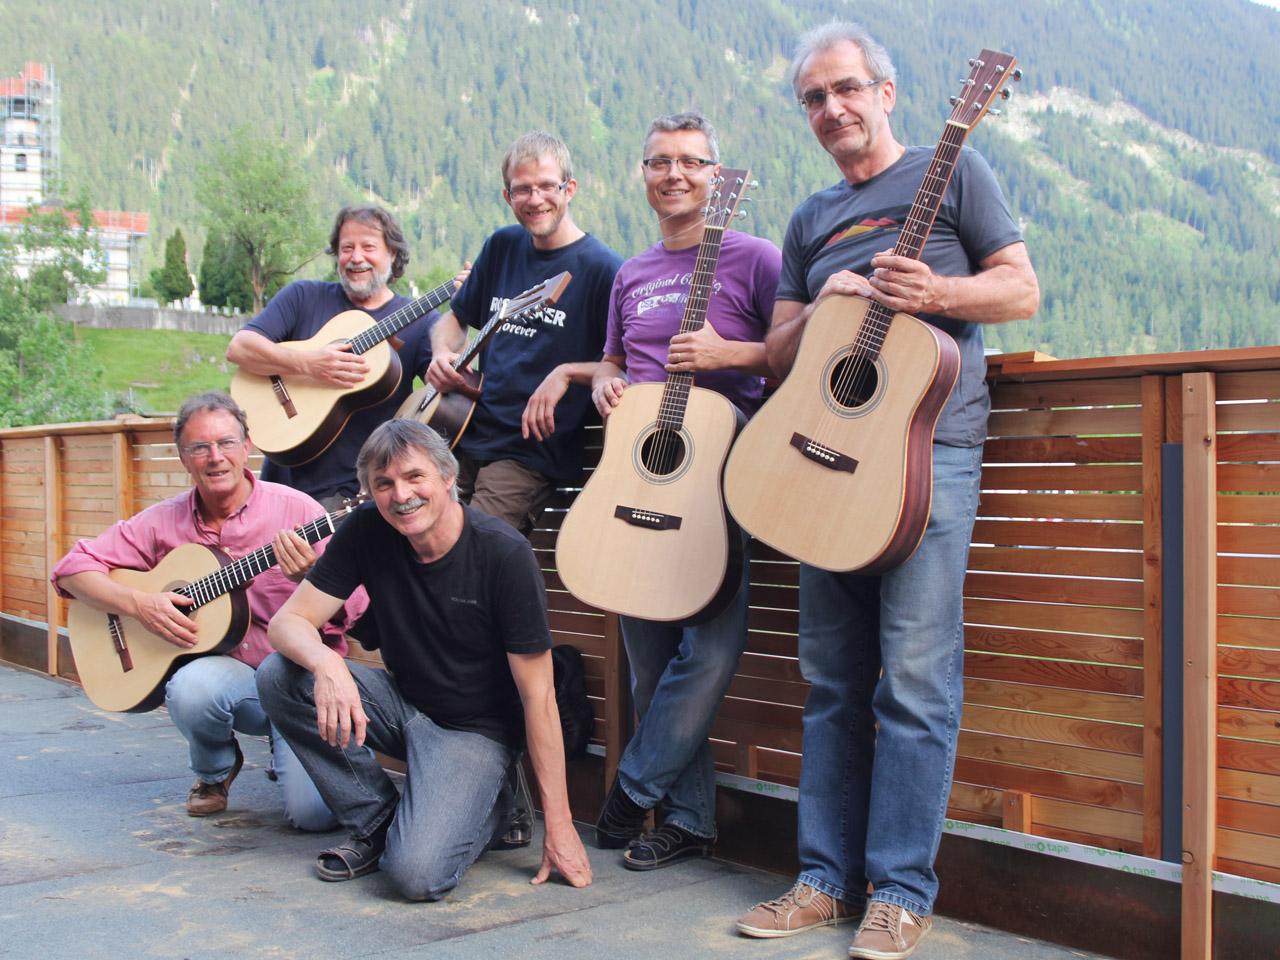 kursteilnehmer Gitarren Group kurs Gruppen foto grösse 1